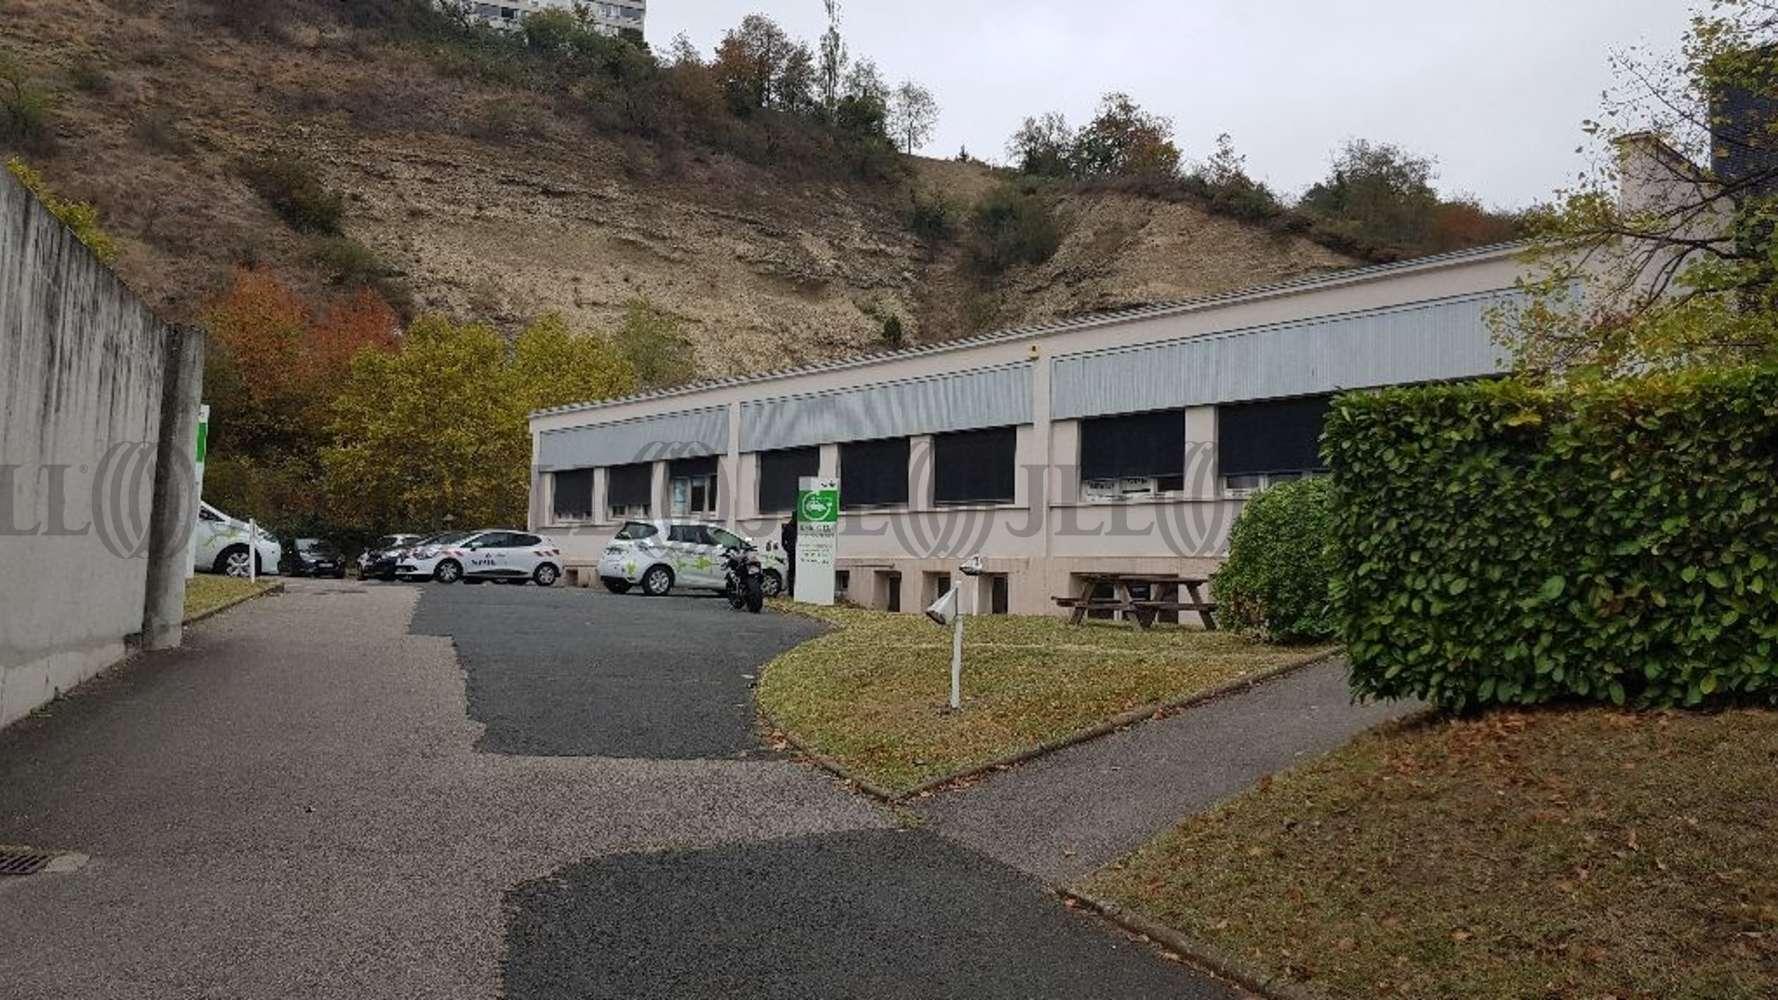 Activités/entrepôt Rillieux la pape, 69140 - Location / Achat bâtiment mixte - Lyon - 10319656